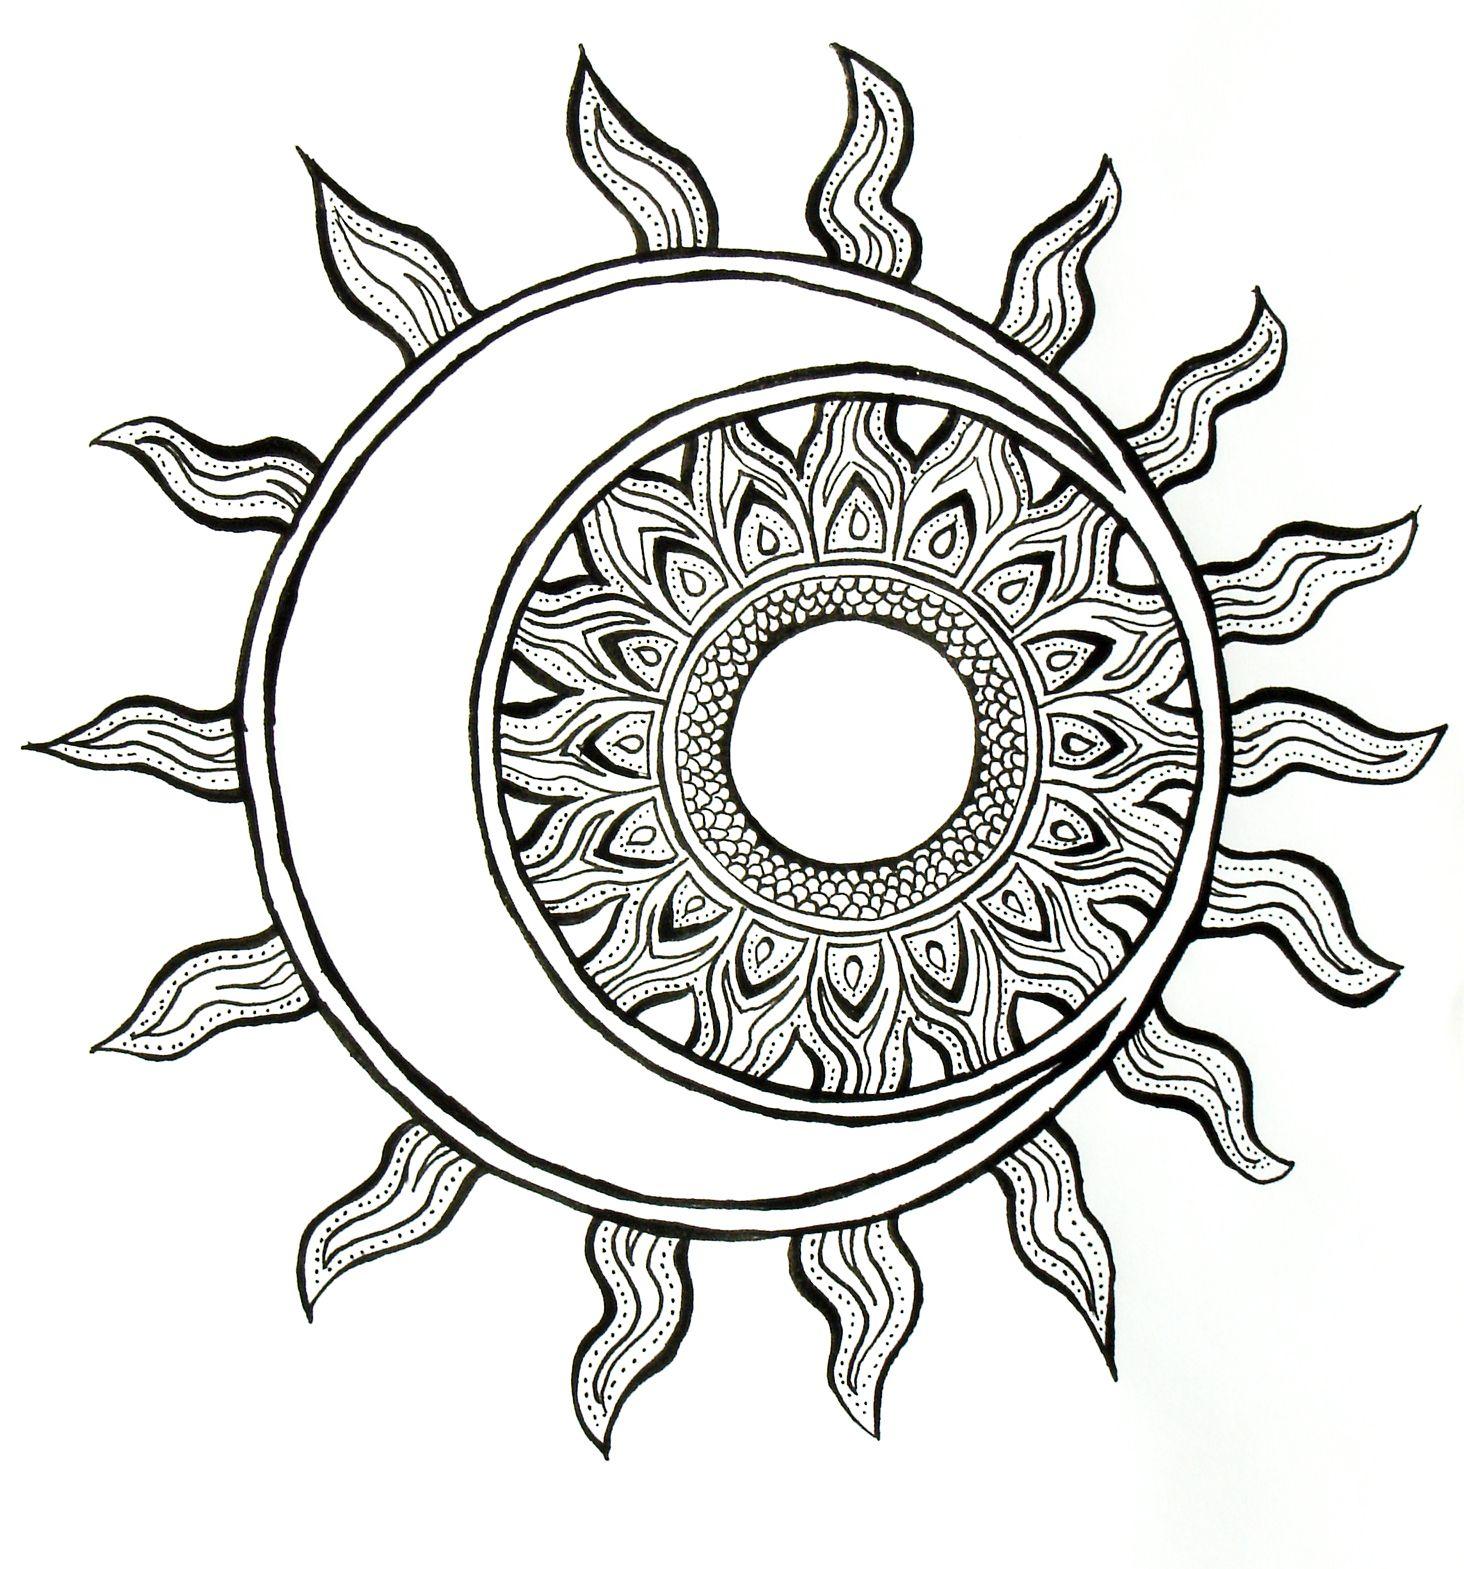 Pin Von Dgrekko Auf Coloring Pages In 2020 Mandala Ausmalen Mond Zeichnung Zentangle Zeichnungen